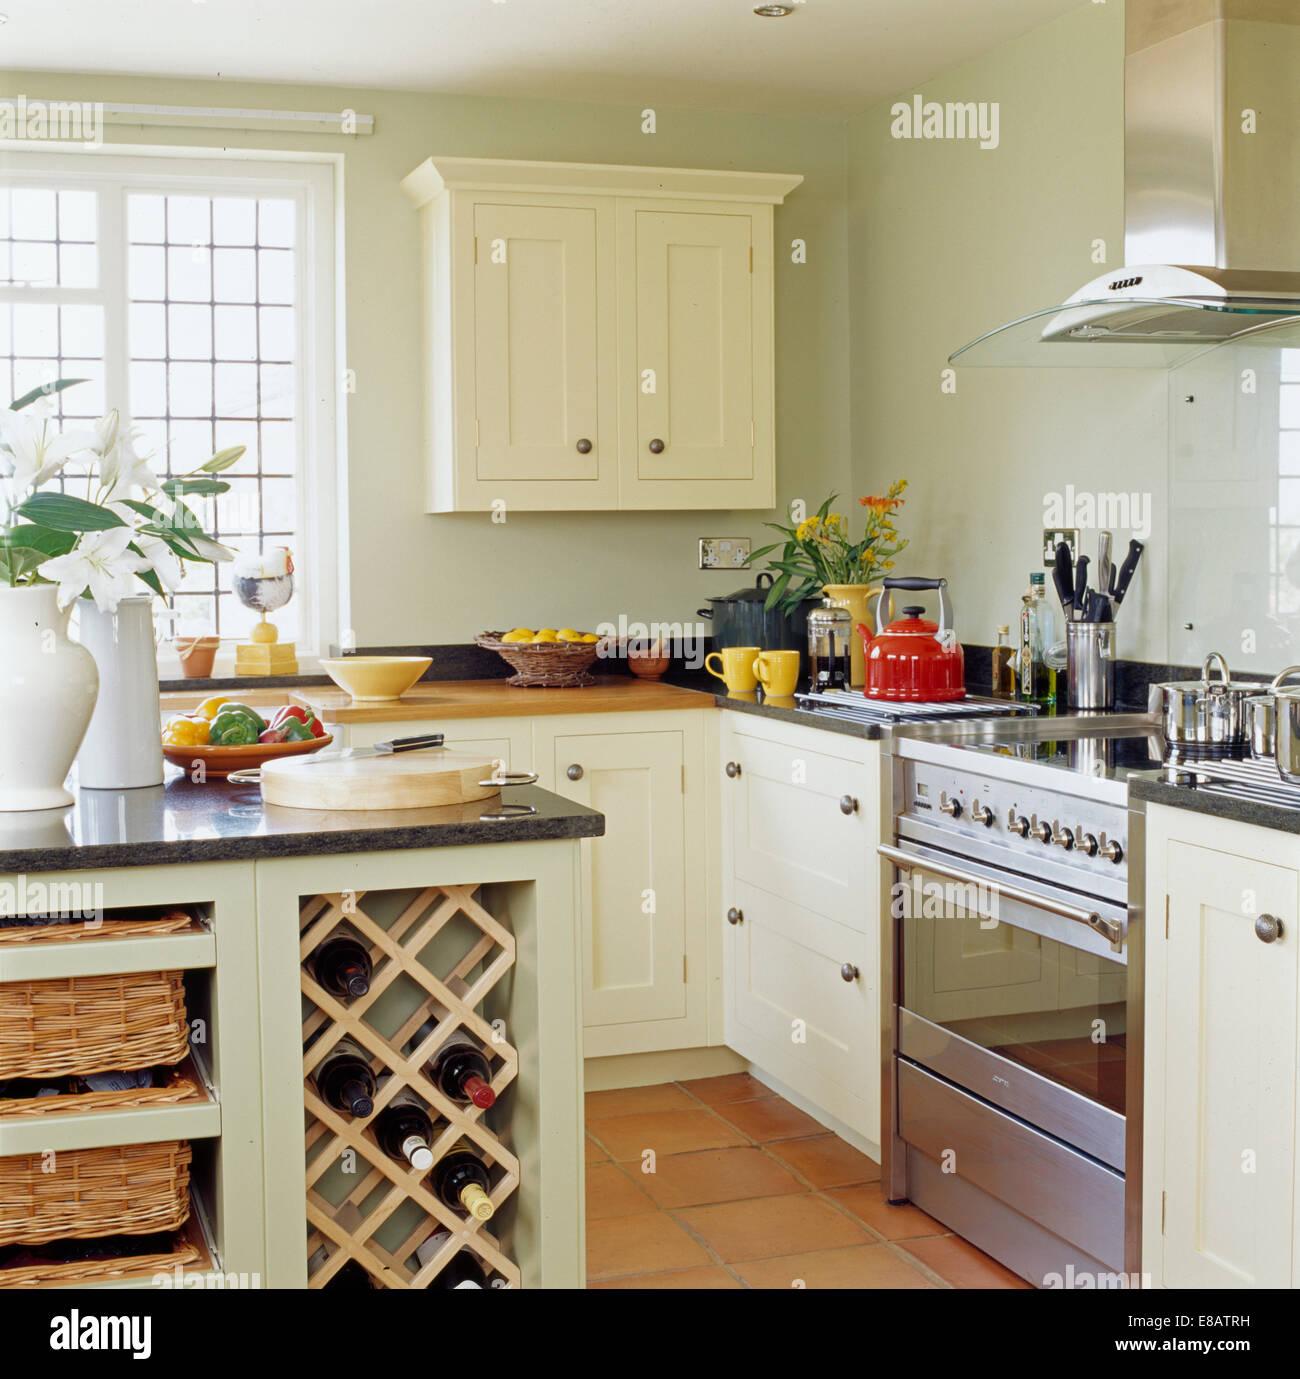 Weinlagerung in Insel-Einheit im Cottage-Küche mit Edelstahl-Herd ...